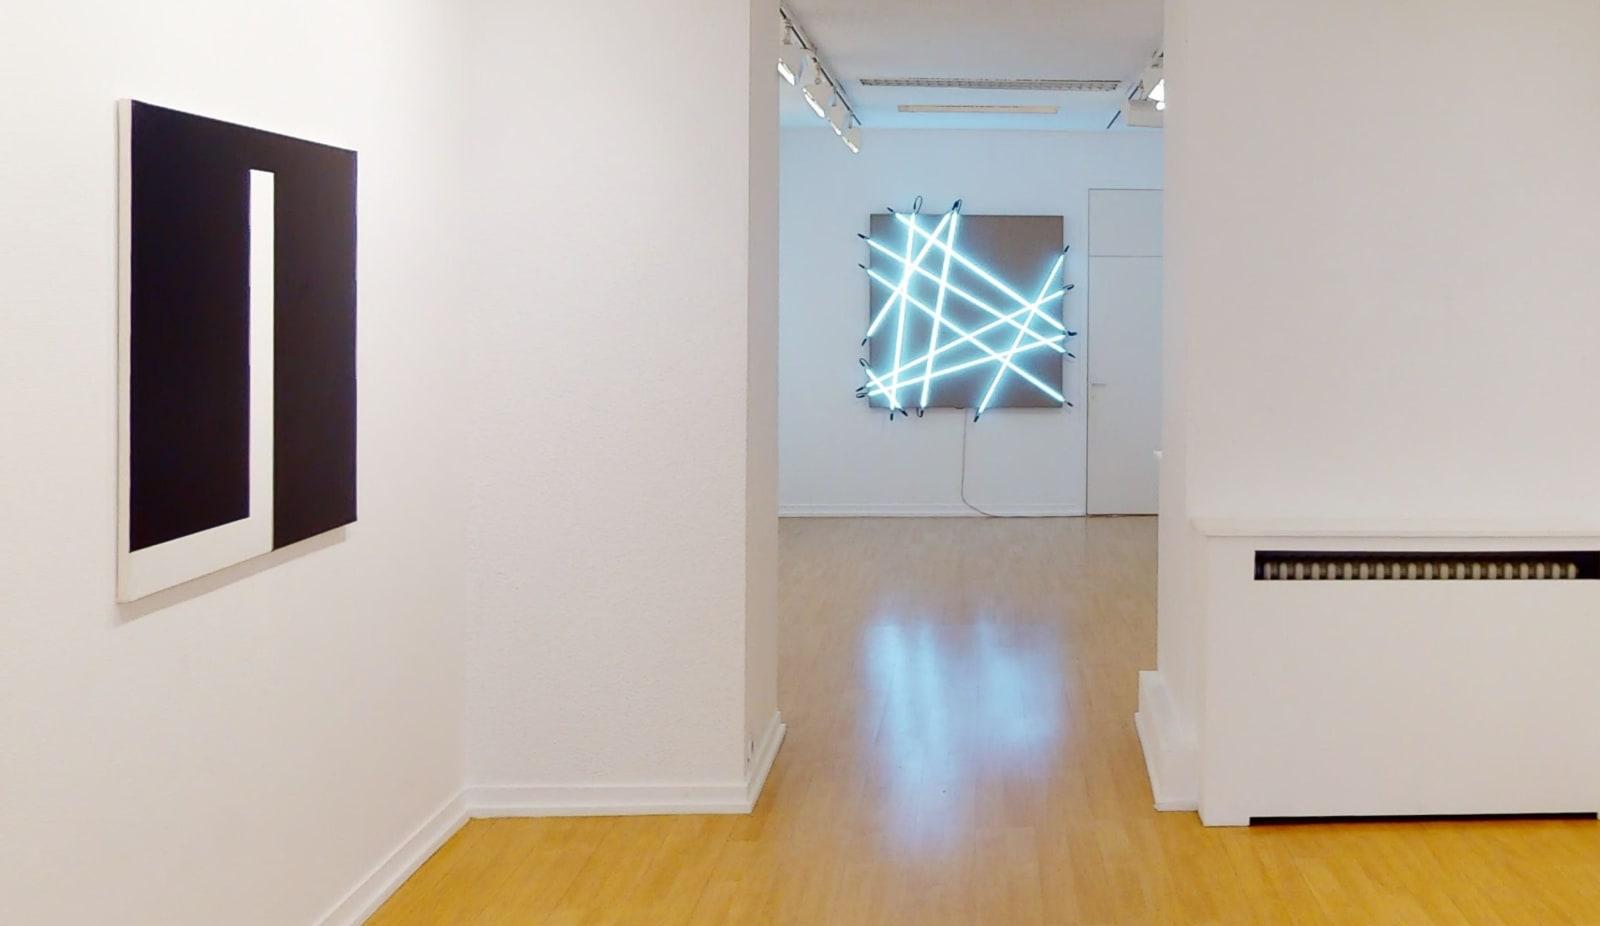 Exposition anniversaire ONIRIS 35 ANS / Julije Knifer + François Morellet / Oniris été 2021